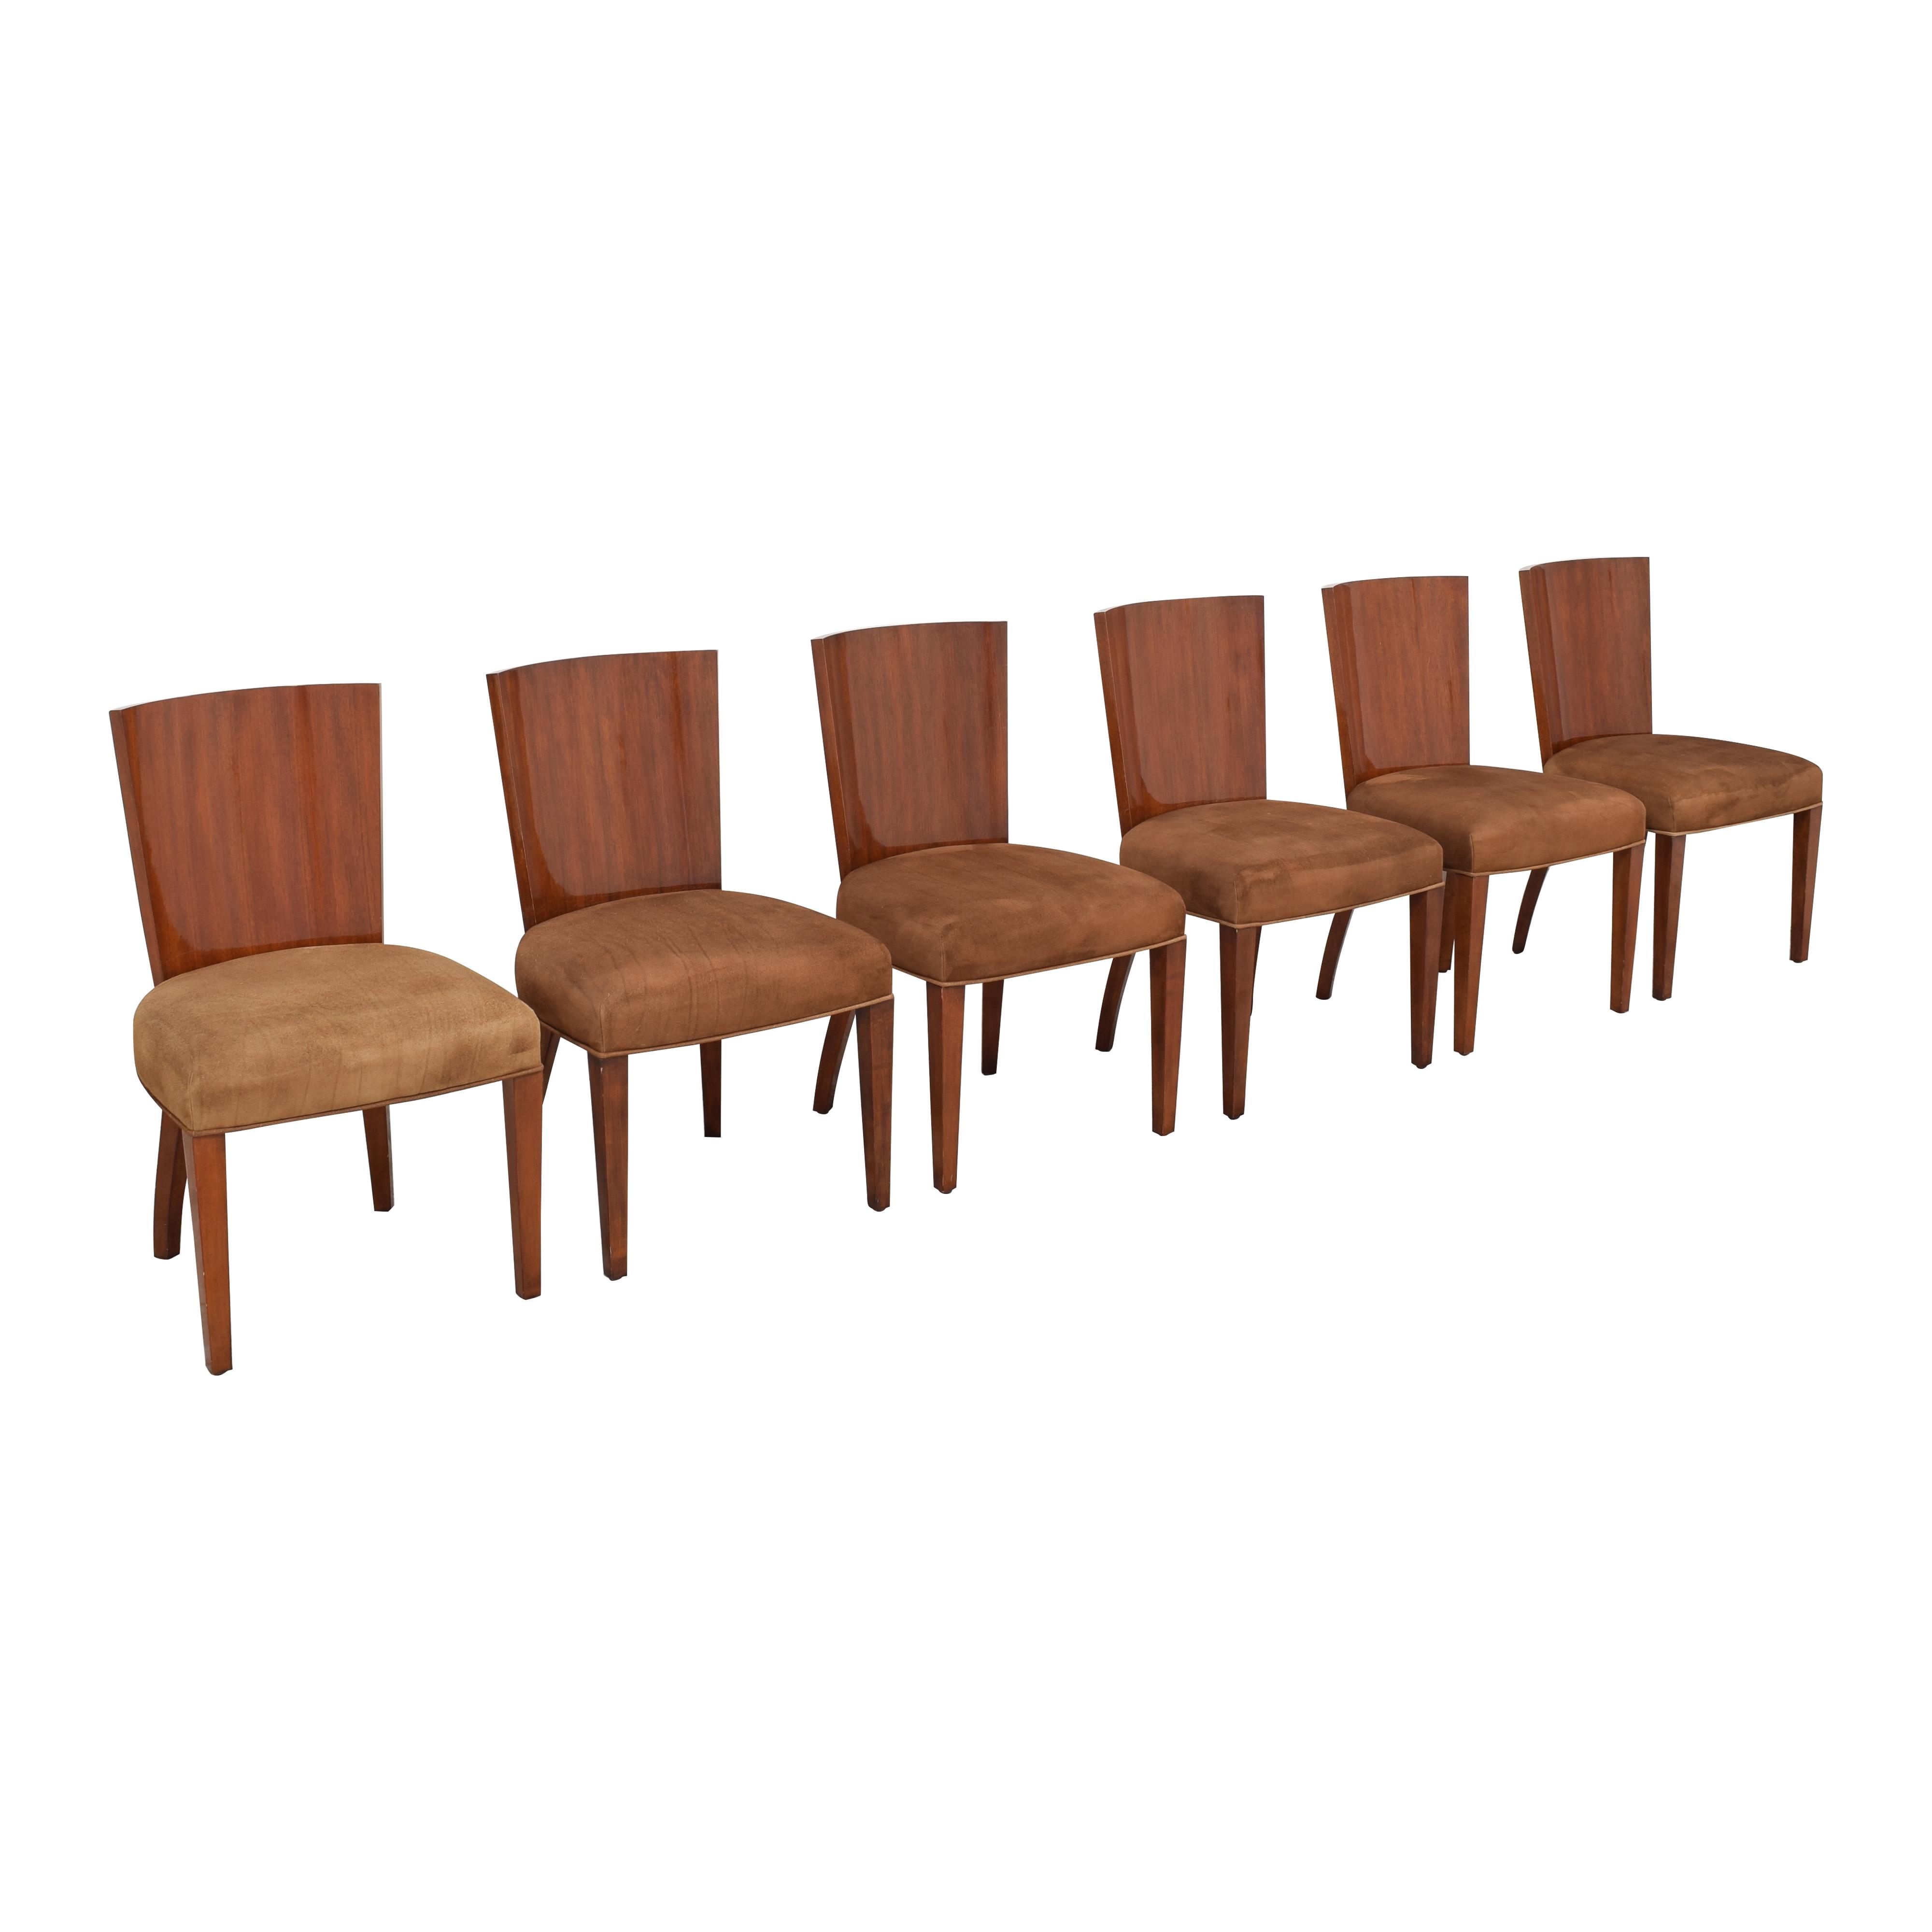 Ralph Lauren Home Ralph Lauren Modern Hollywood Dining Side Chairs nj